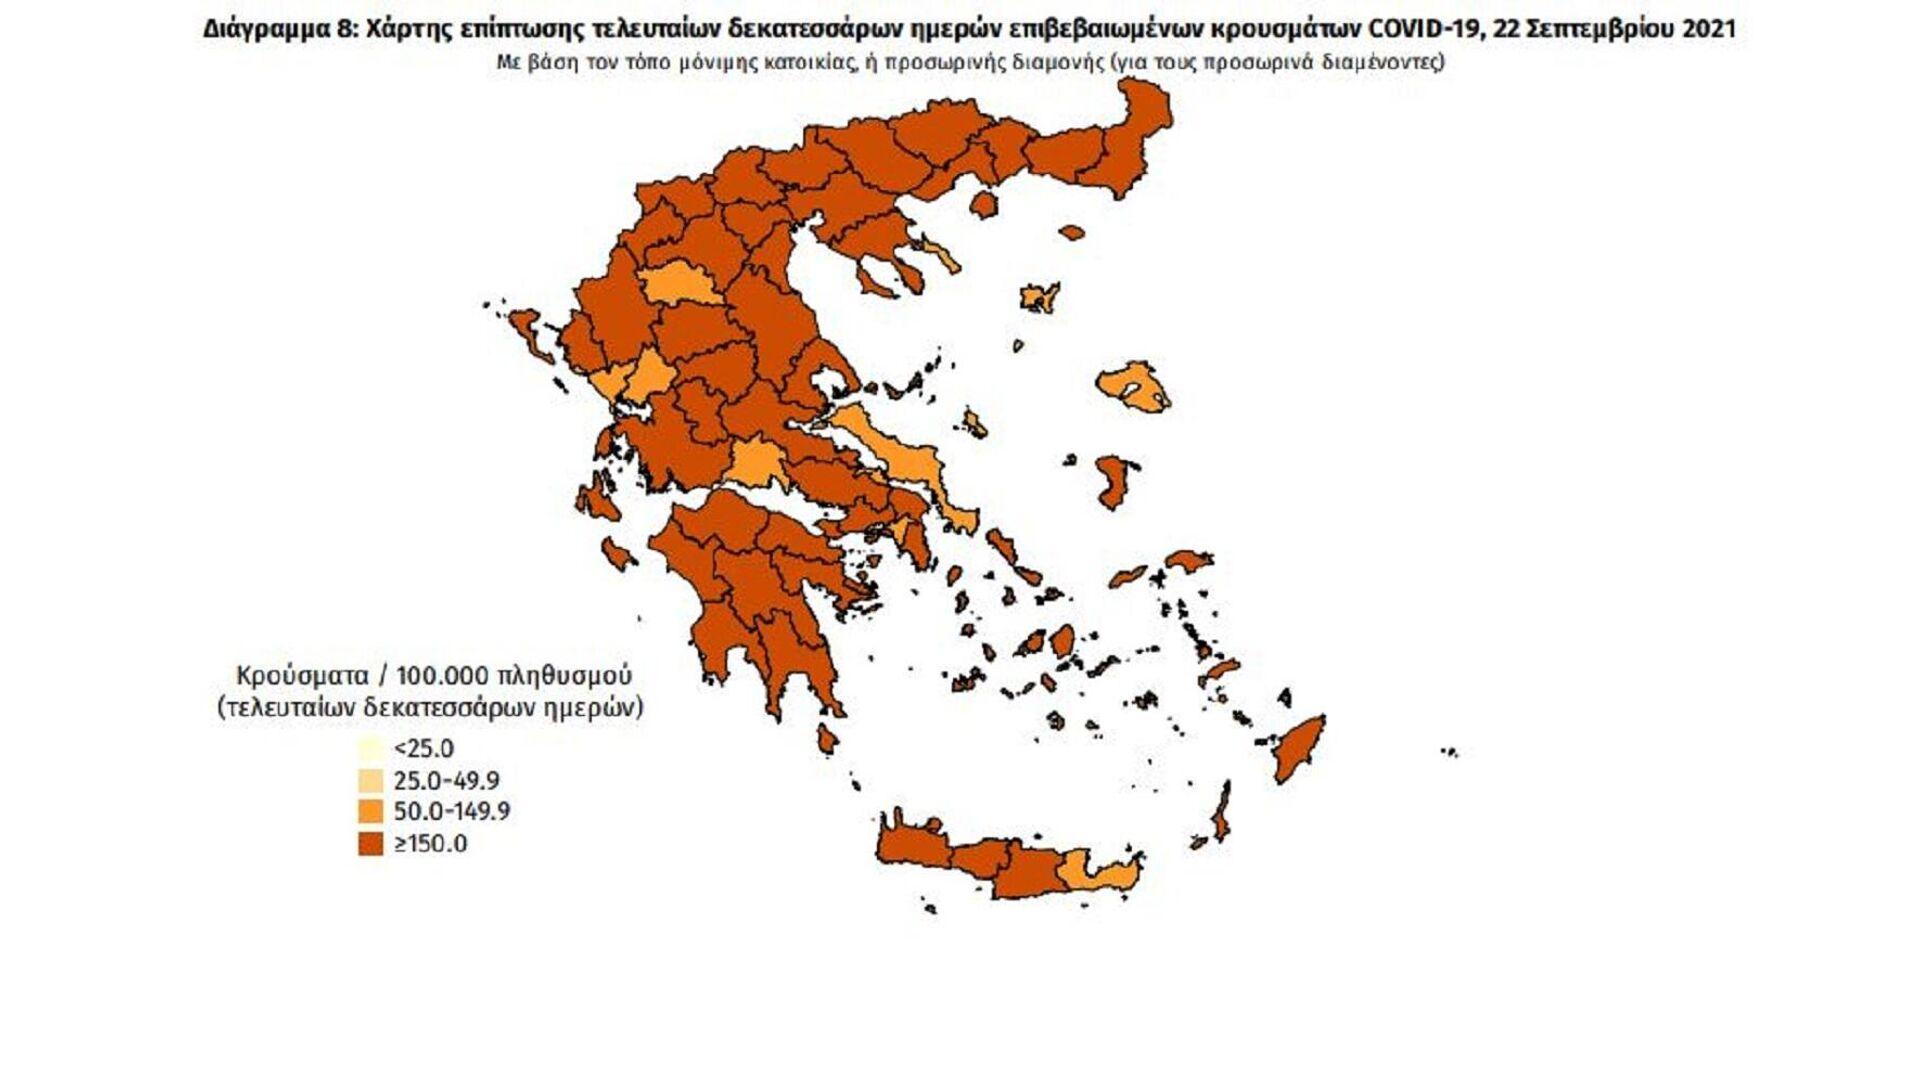 Χάρτης επίπτωσης τελευταίων δεκατεσσάρων ημερών επιβεβαιωμένων κρουσμάτων COVID-19, 22 Σεπτεμβρίου 2021 - Sputnik Ελλάδα, 1920, 22.09.2021